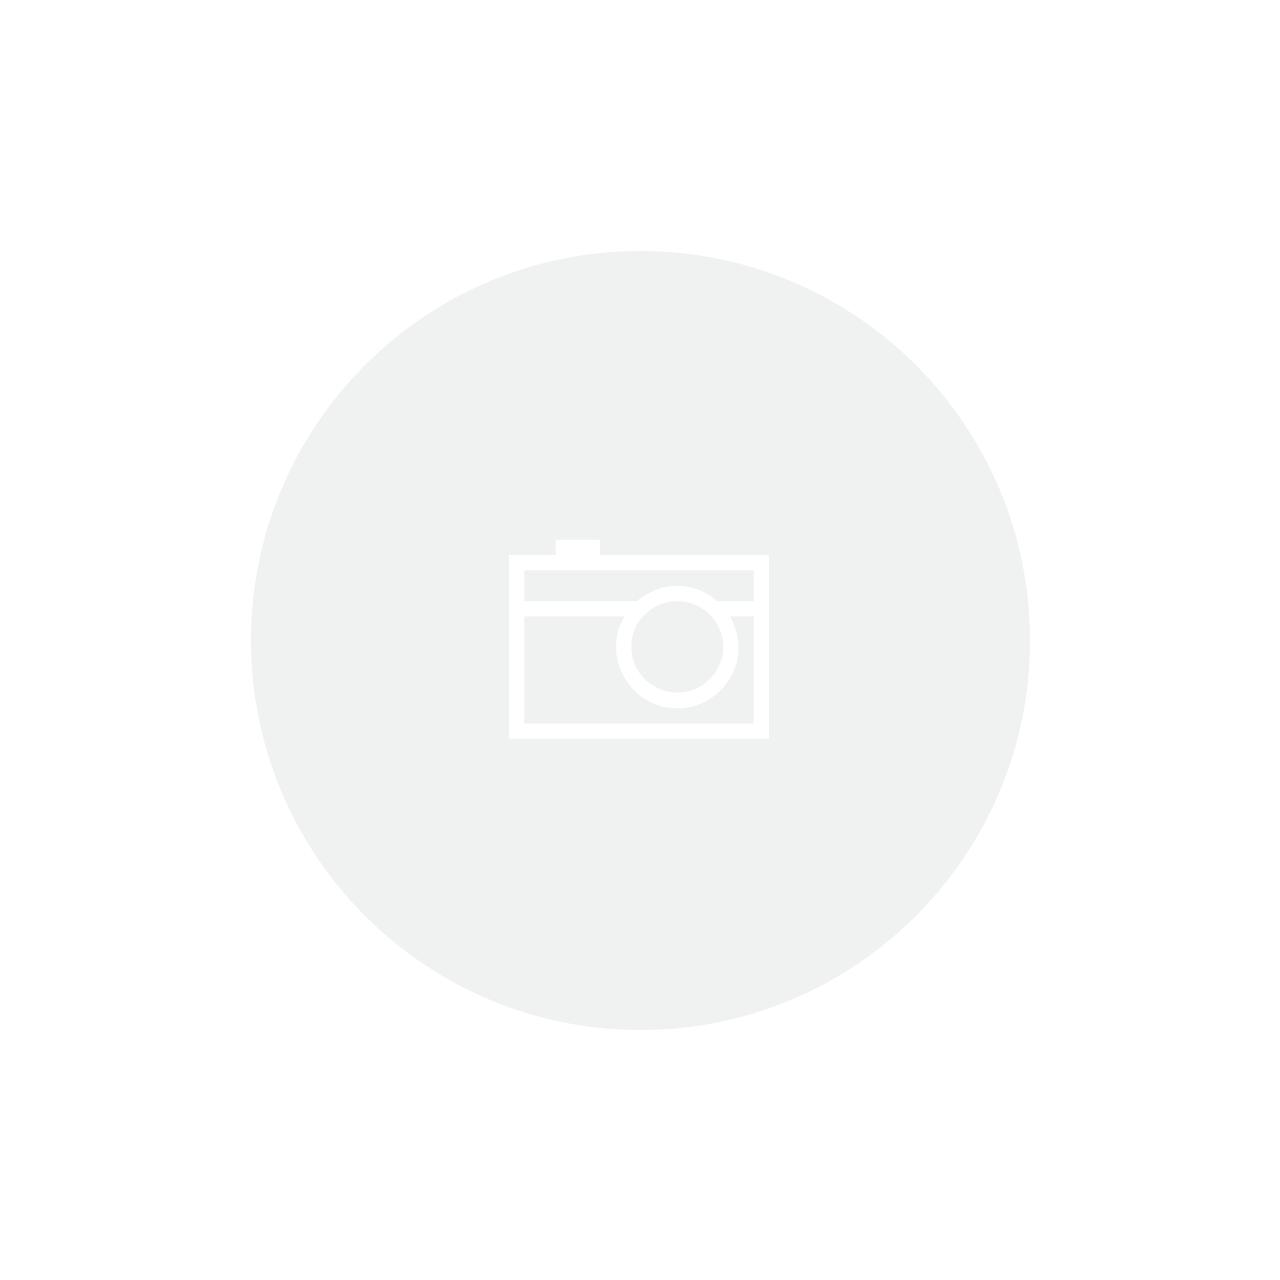 Almofada Shantung Branco c/ Aplicação de Cordão